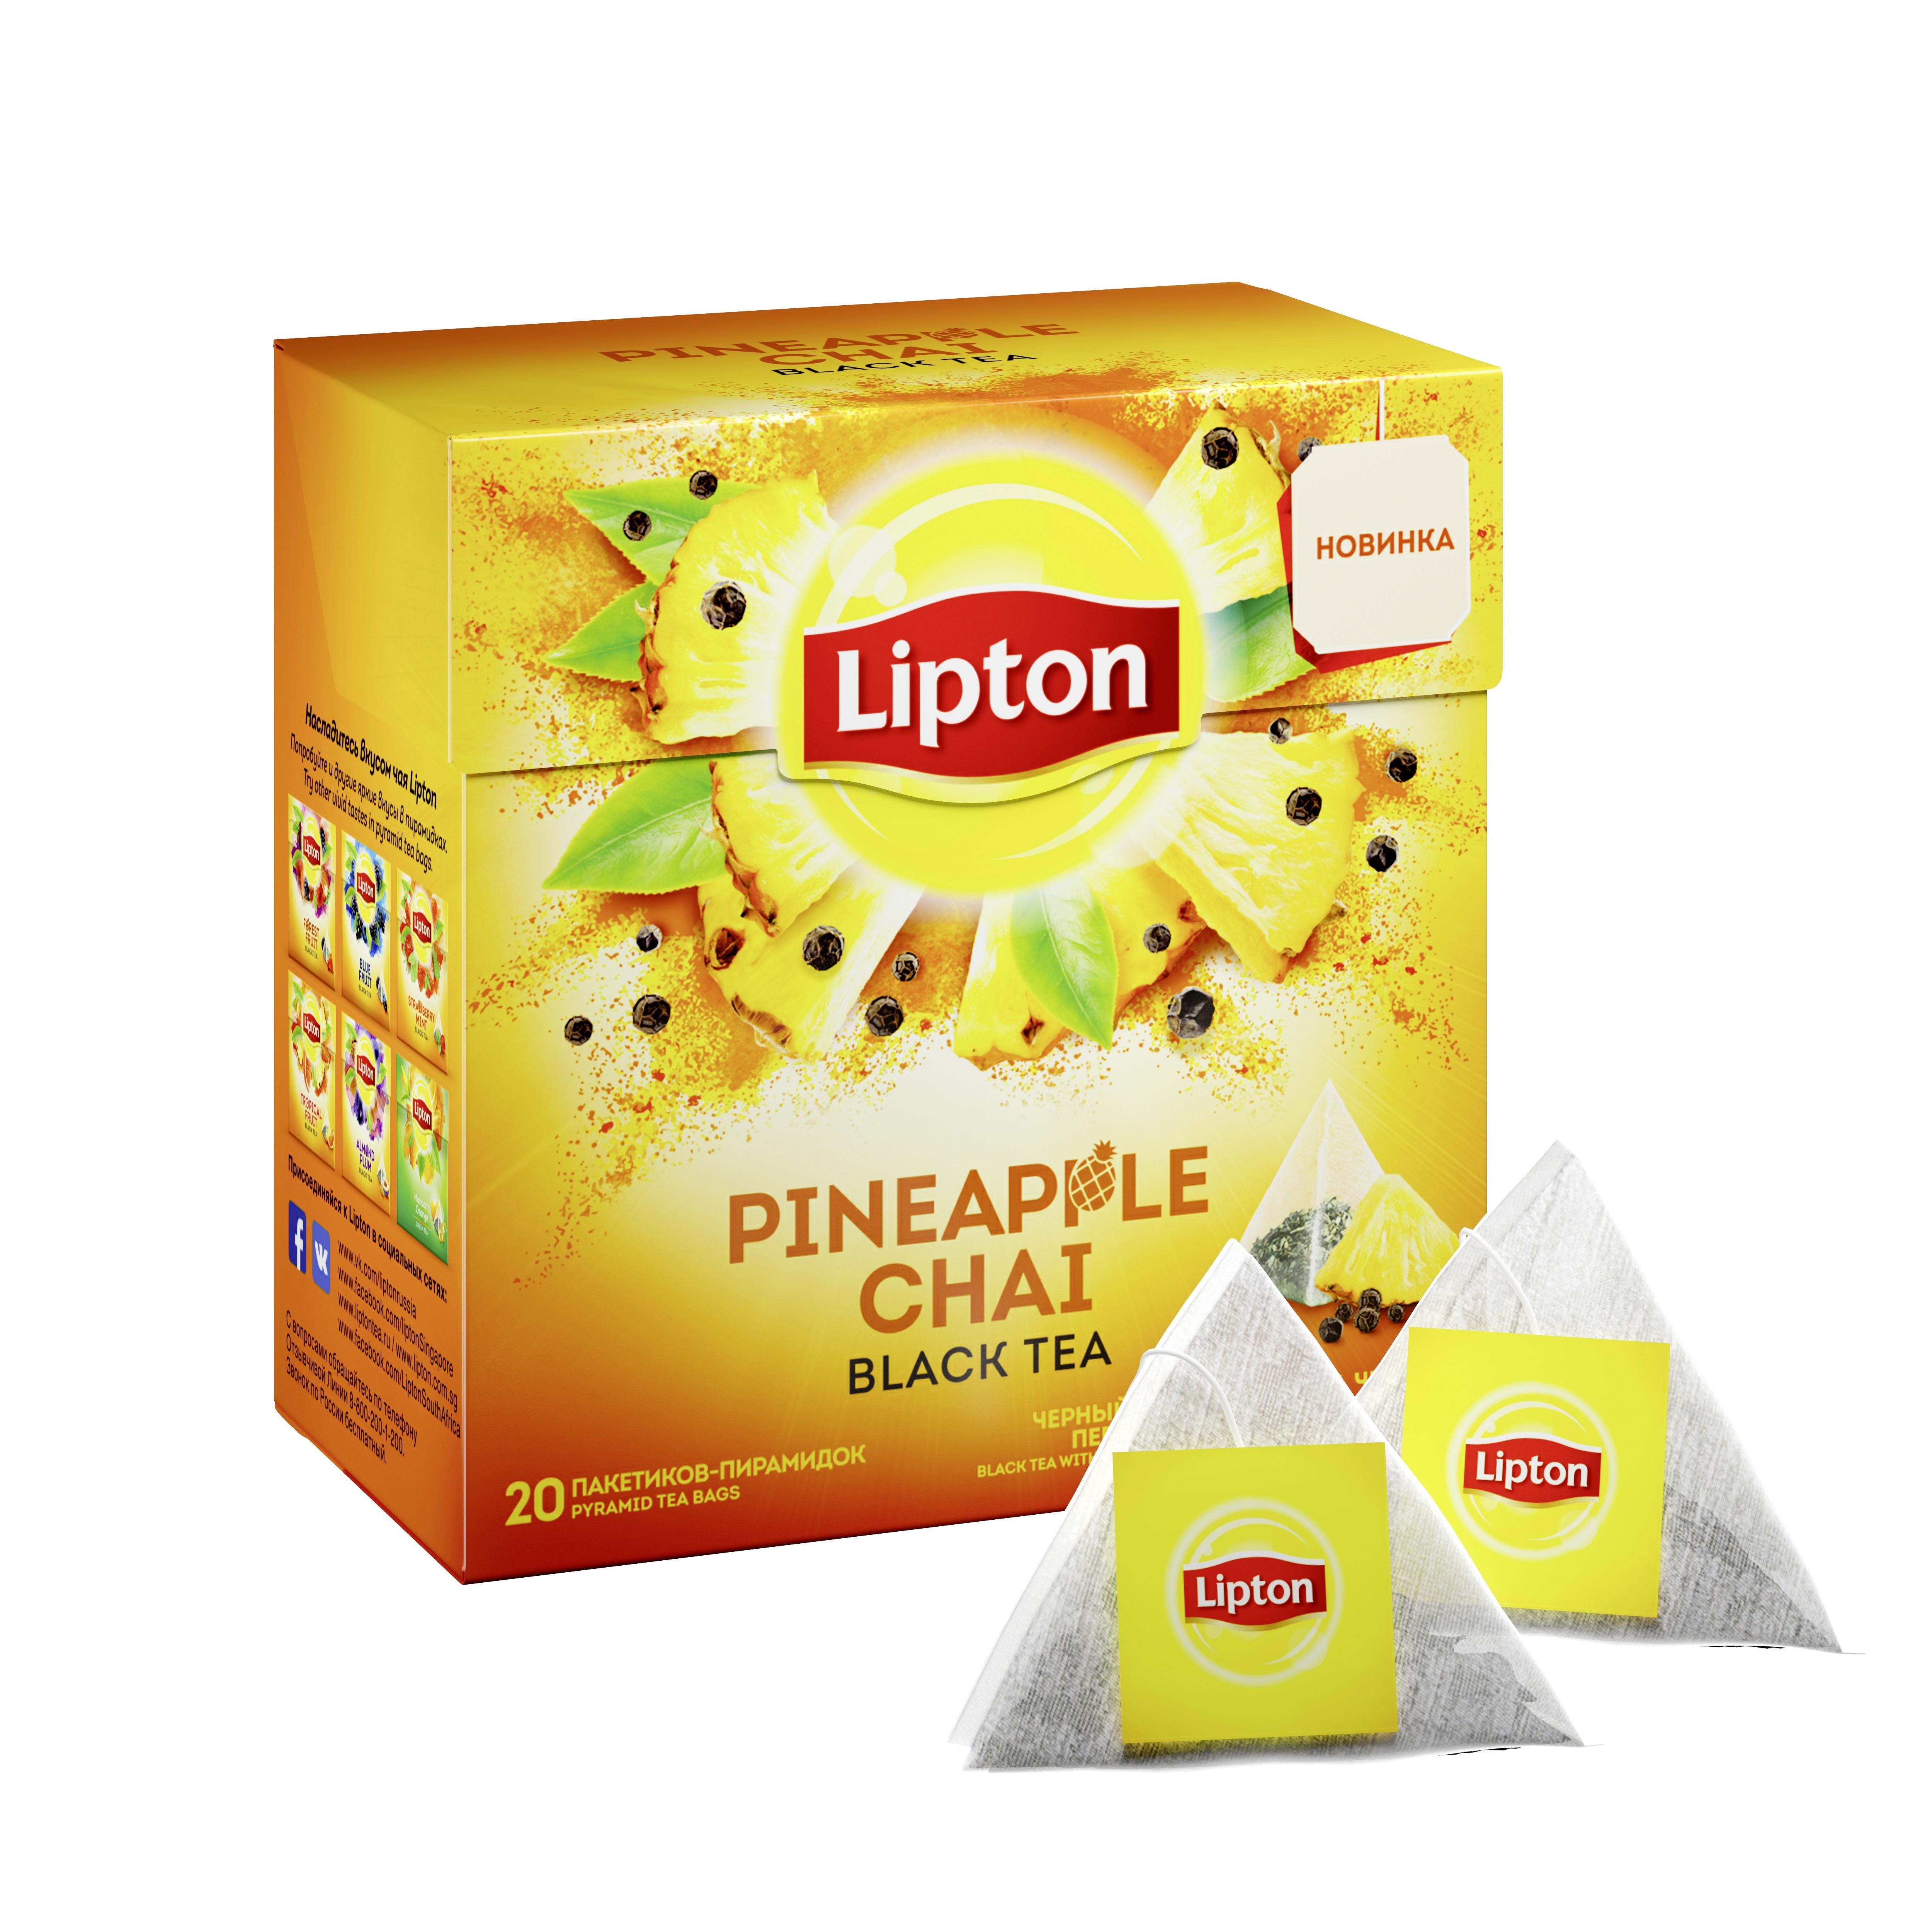 Липтон чай картинки